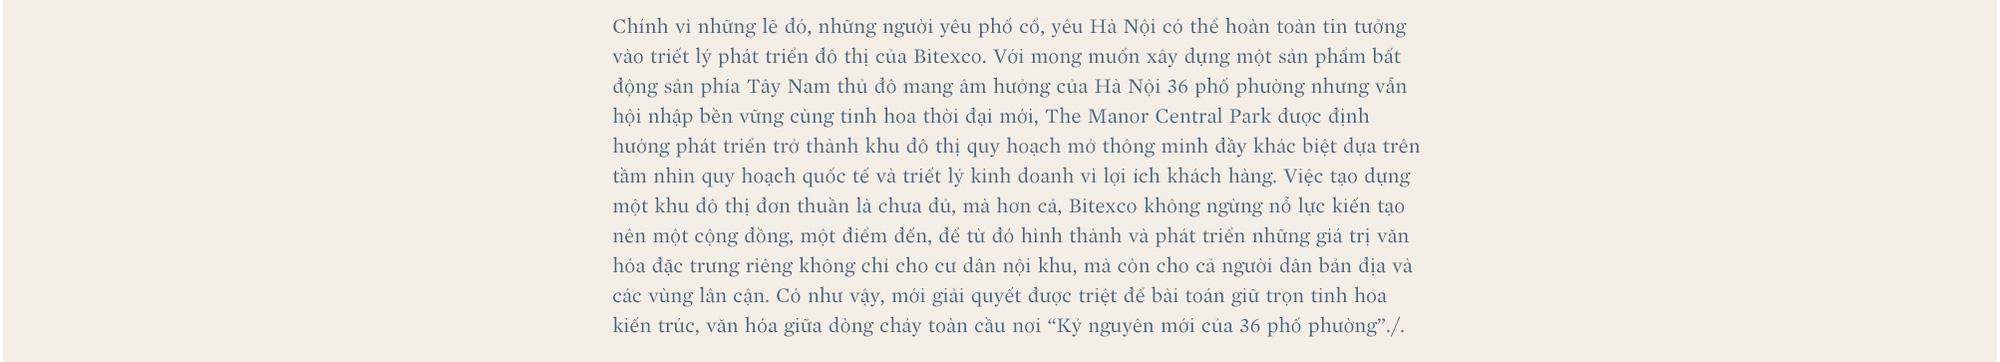 Kiến trúc Hà Nội: làm sao để giữ trọn tinh hoa? - Ảnh 20.